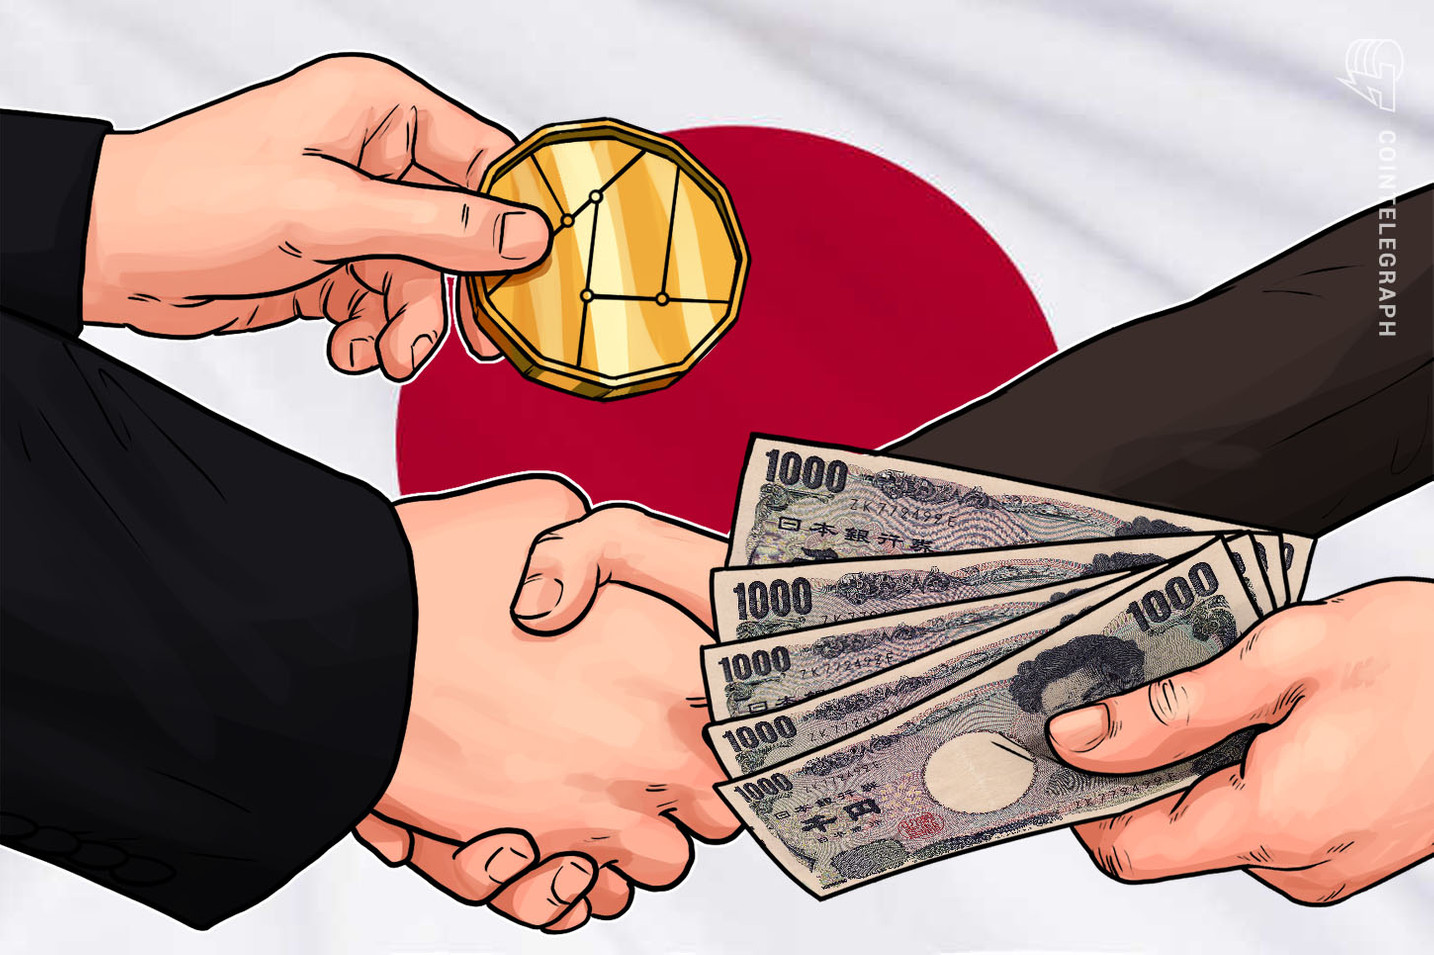 Agência do governo japonês registra aumento de 170% em consultas do consumidor sobre cripto em 2018